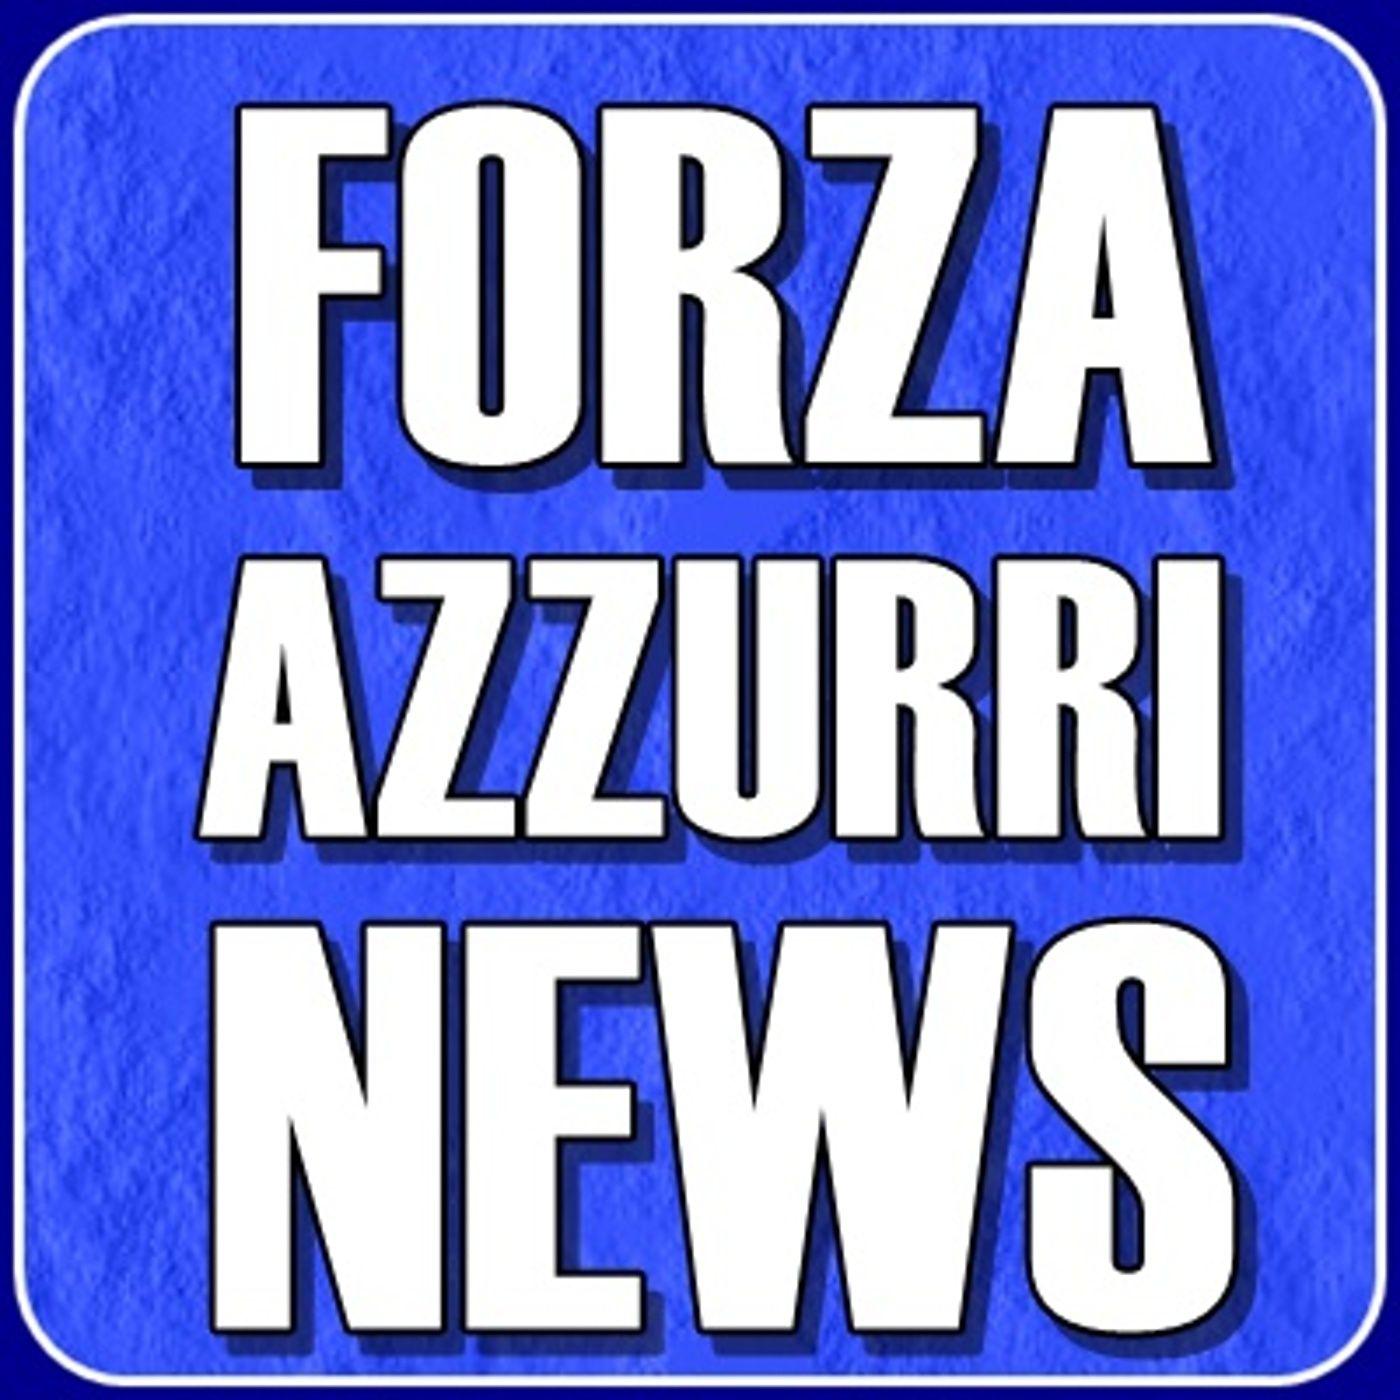 ForzAzzurri News - 13.01.2020